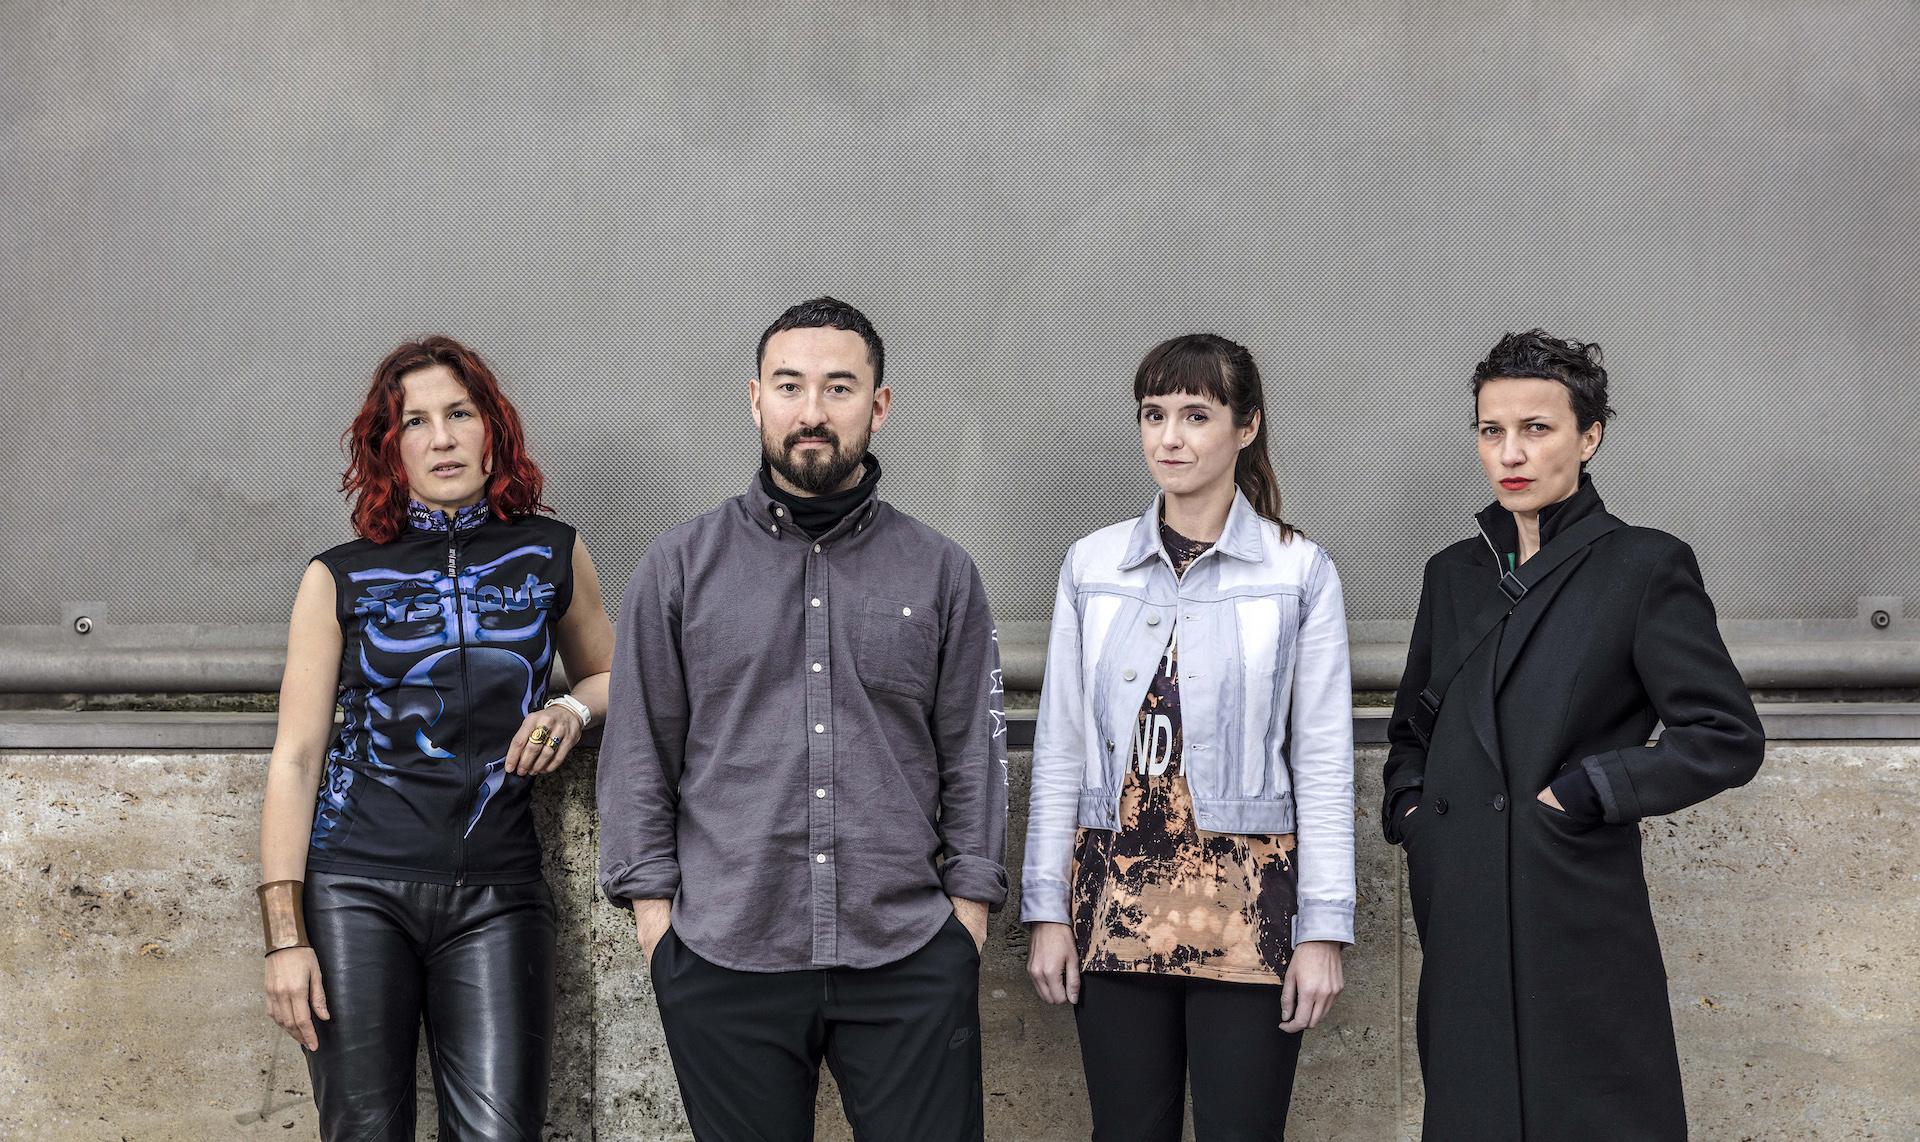 Die vier nominierten Künstler für den Preis der Nationalgalerie 2019: Pauline Curnier Jardin, Simon Fujiwara, Katja Novitskova und Flaka Haliti. Foto: David von Becker